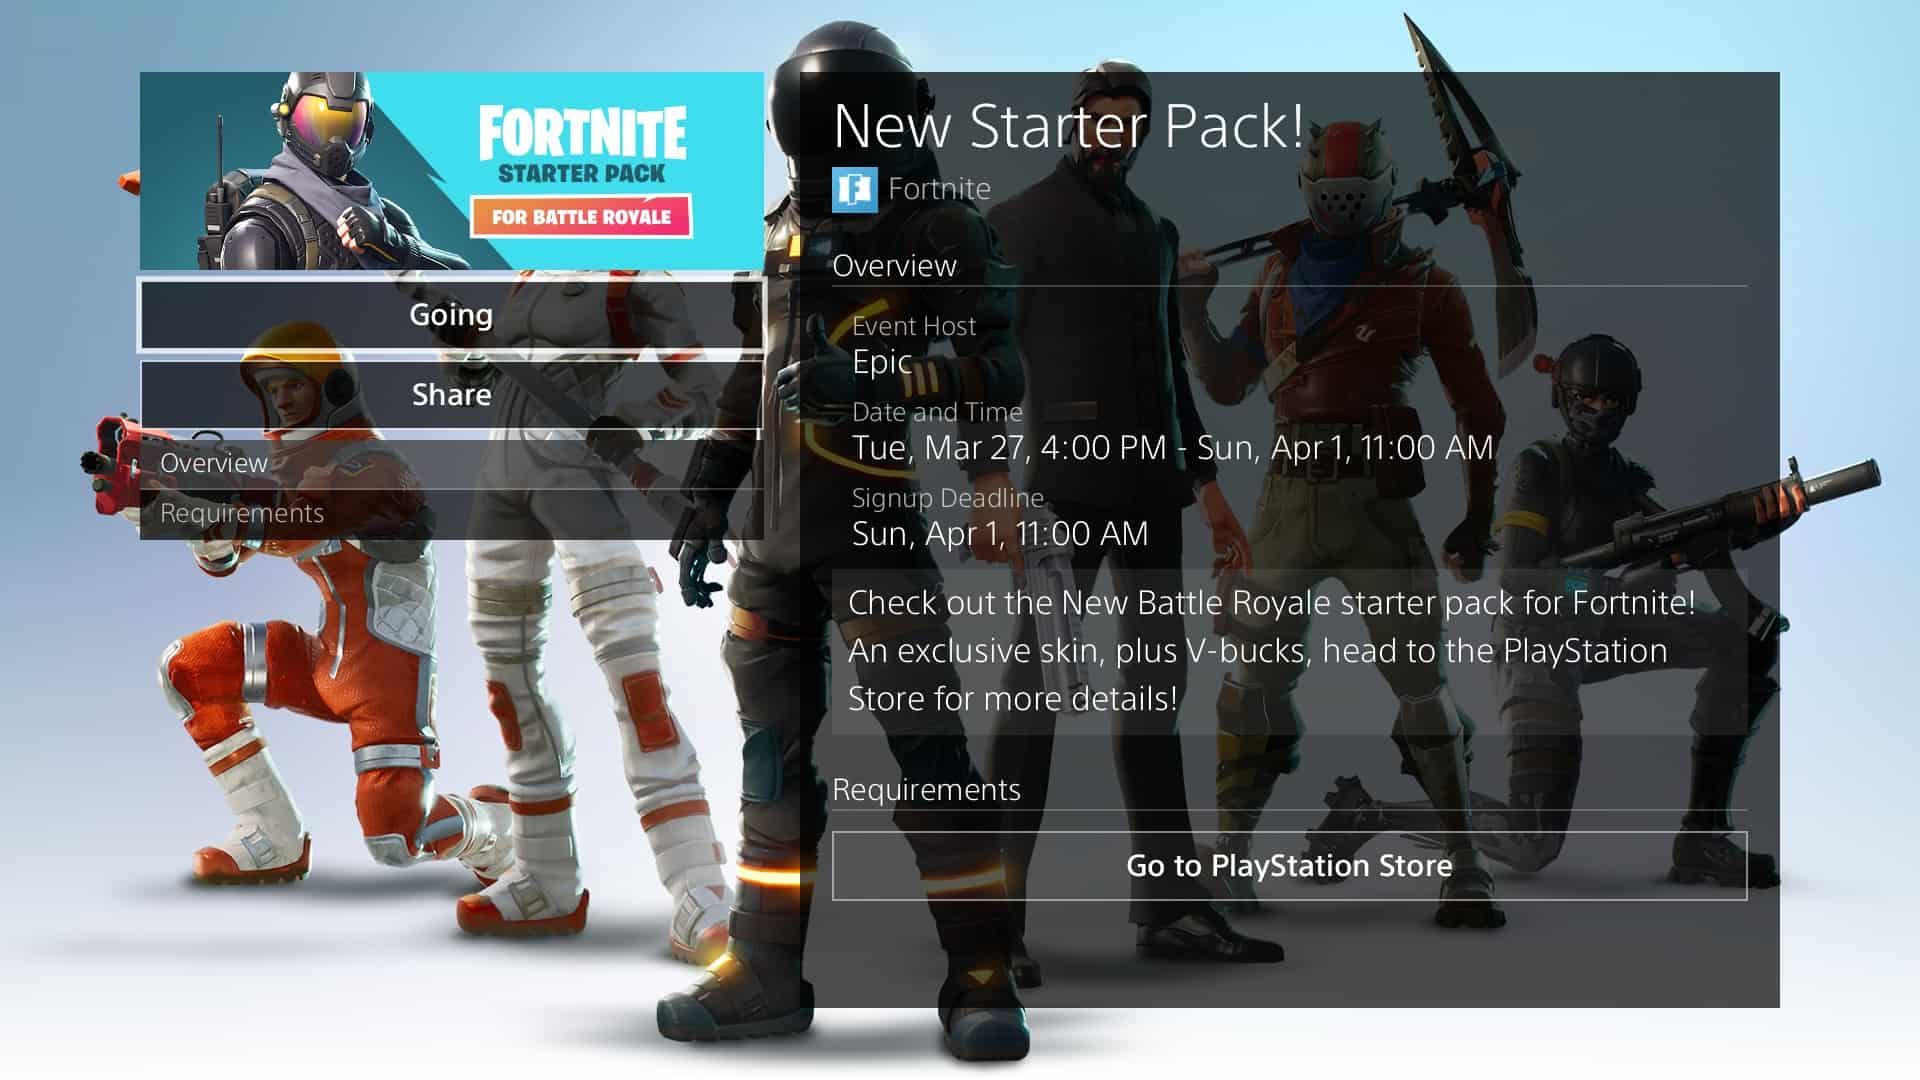 Fortnite Starter Pack Release Date